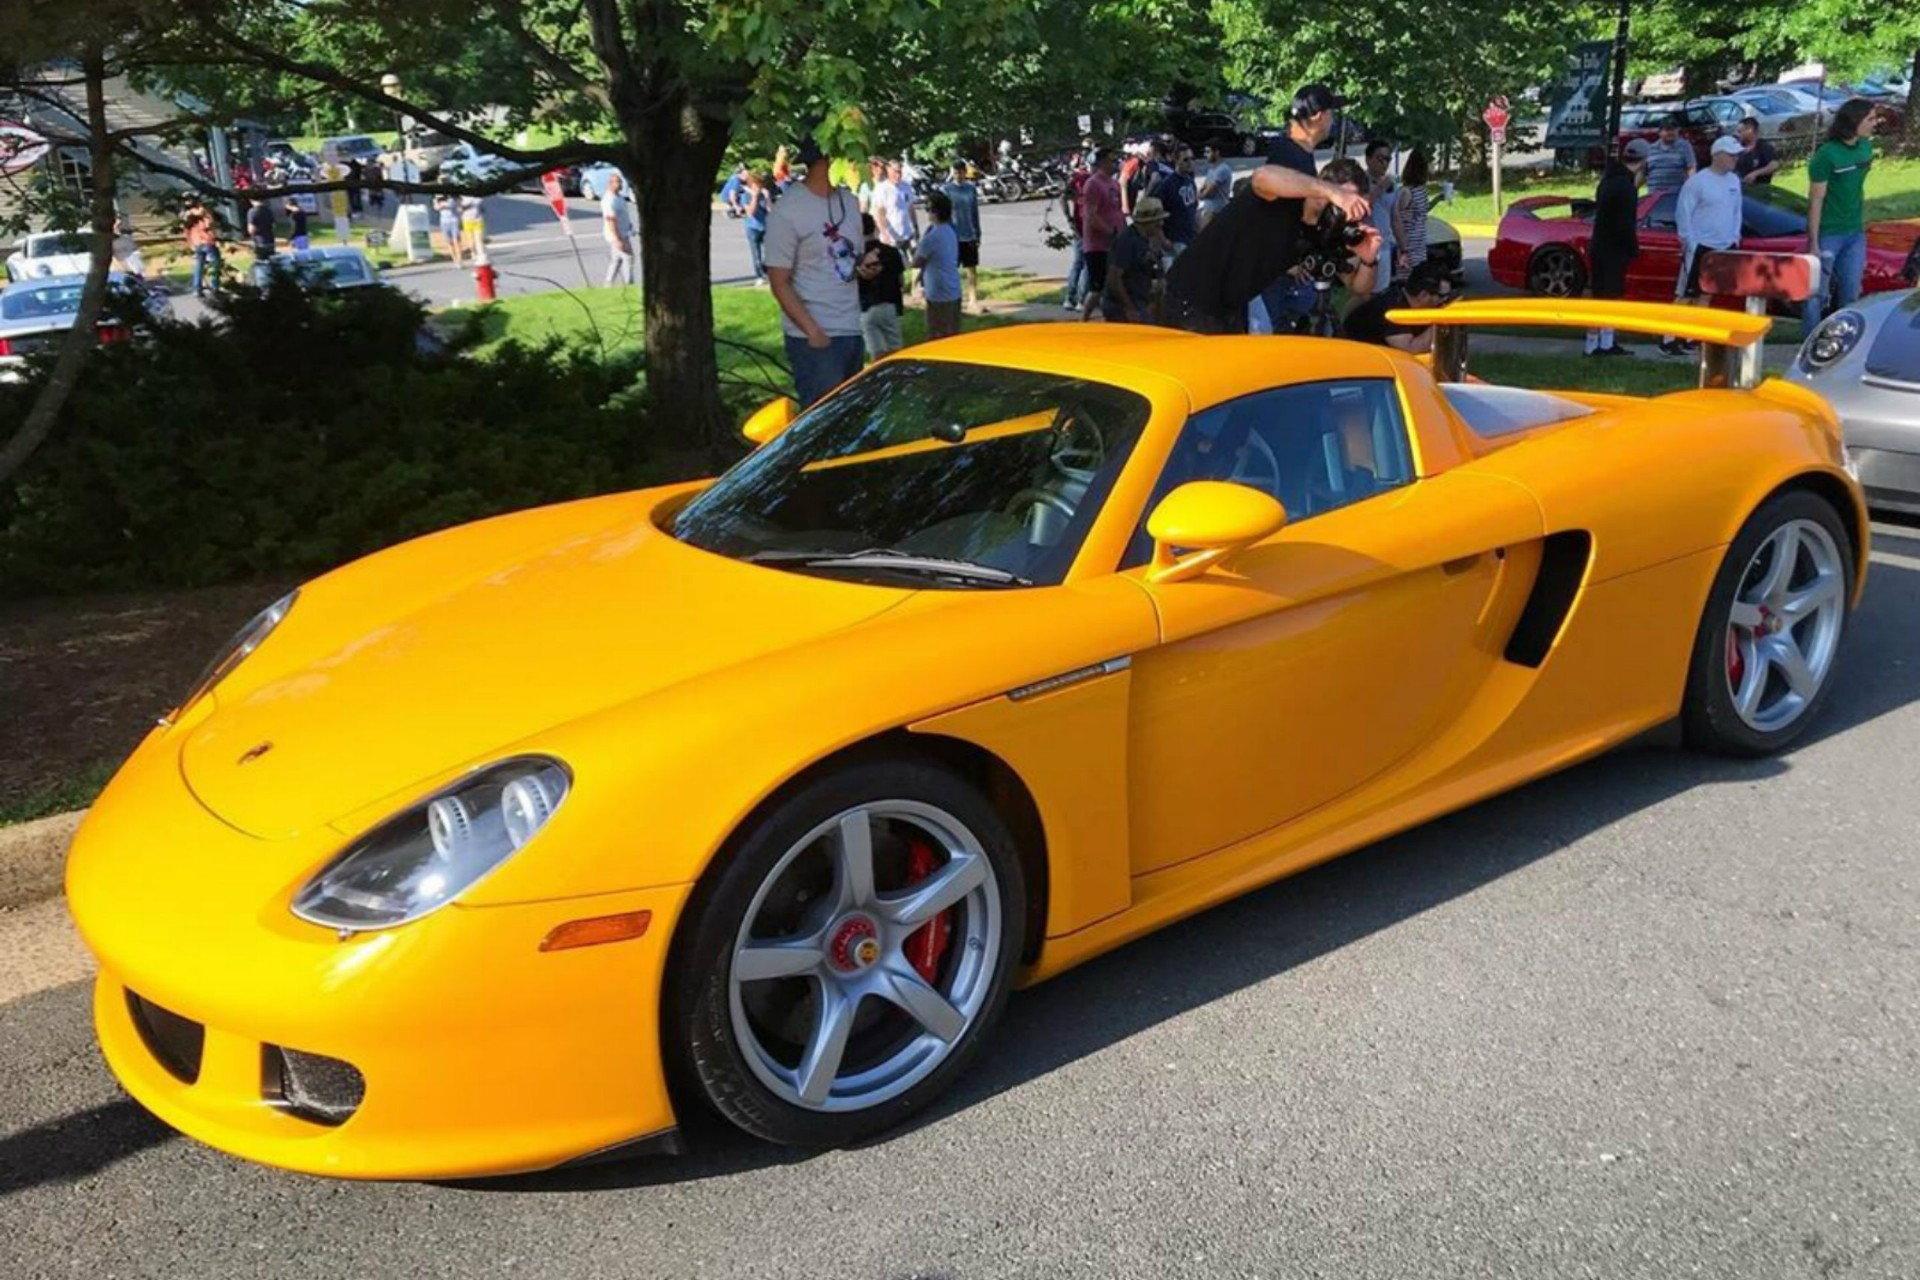 Rare Signal Yellow Porsche Carrera GT - 6SpeedOnline